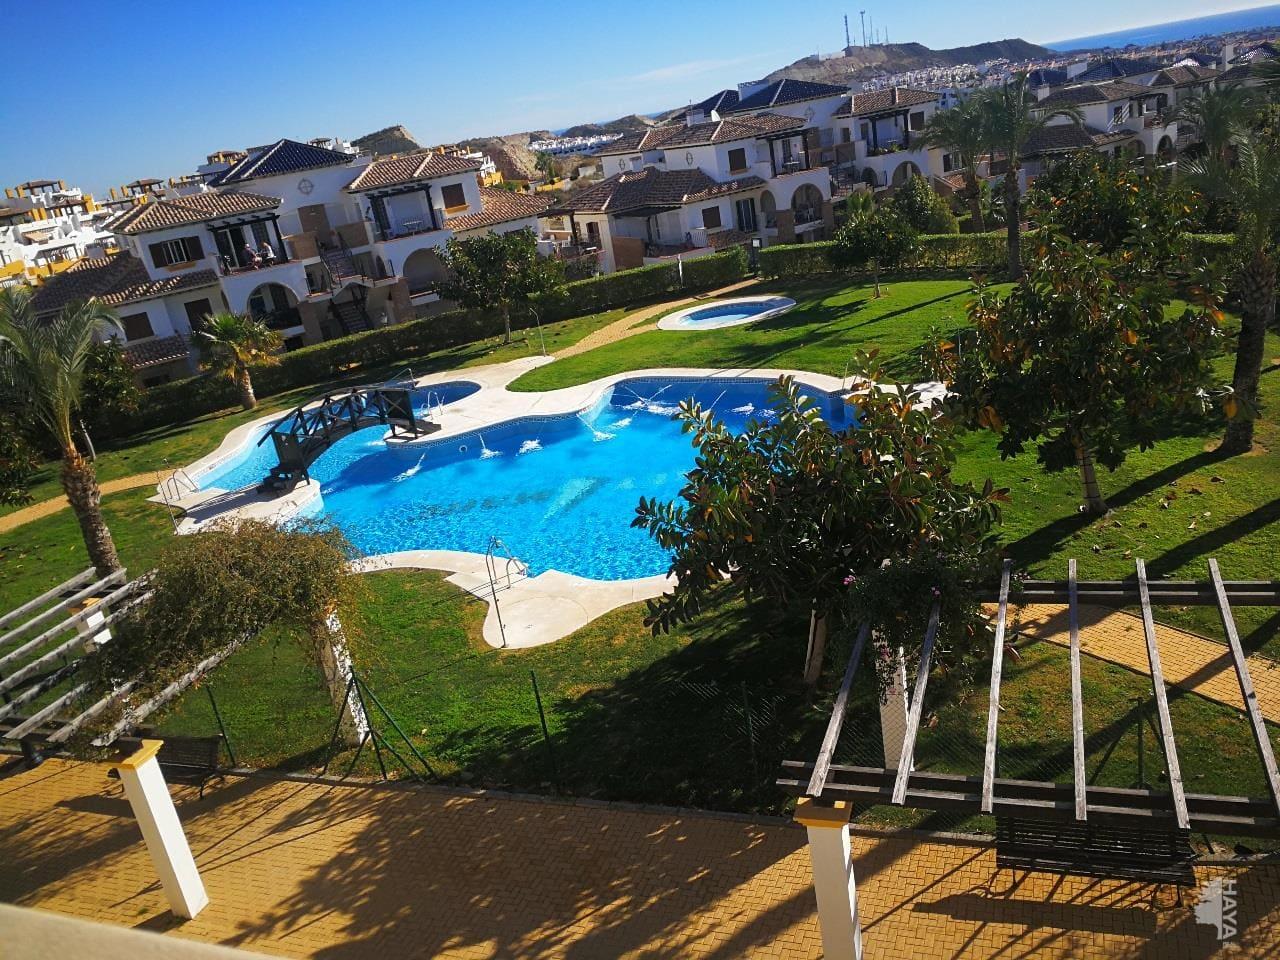 Piso en venta en Vera Playa, Vera, Almería, Calle Tomillo, 99.000 €, 2 habitaciones, 2 baños, 62 m2